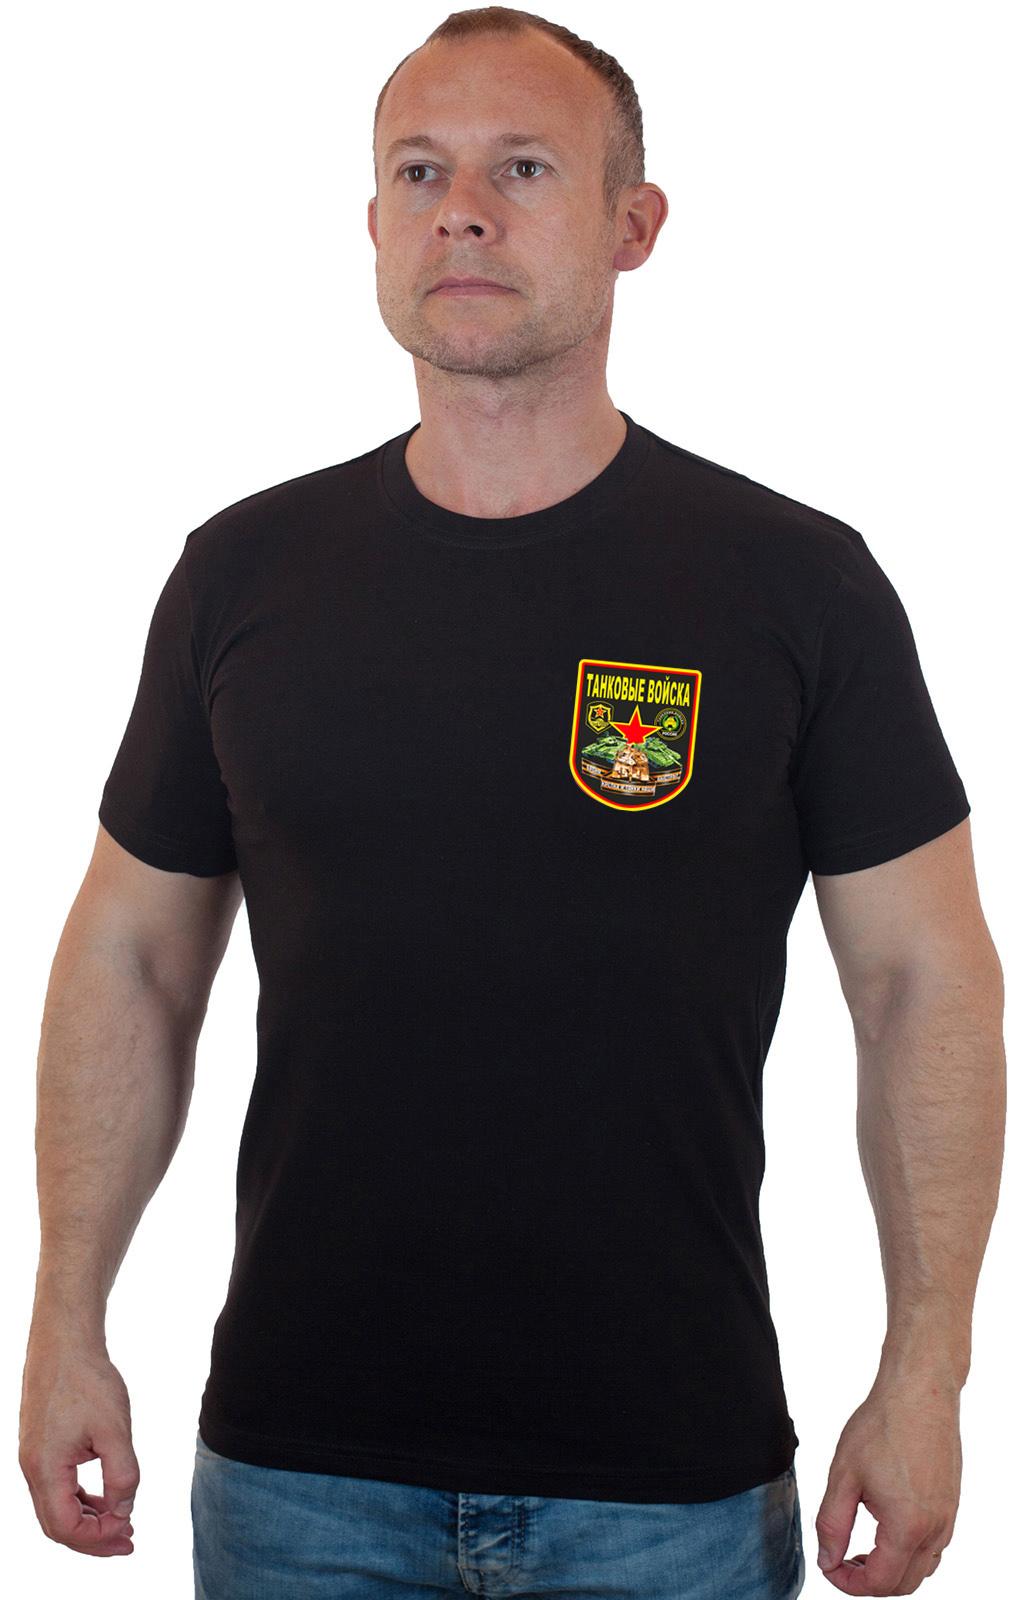 Купить футболку с символикой танкистов